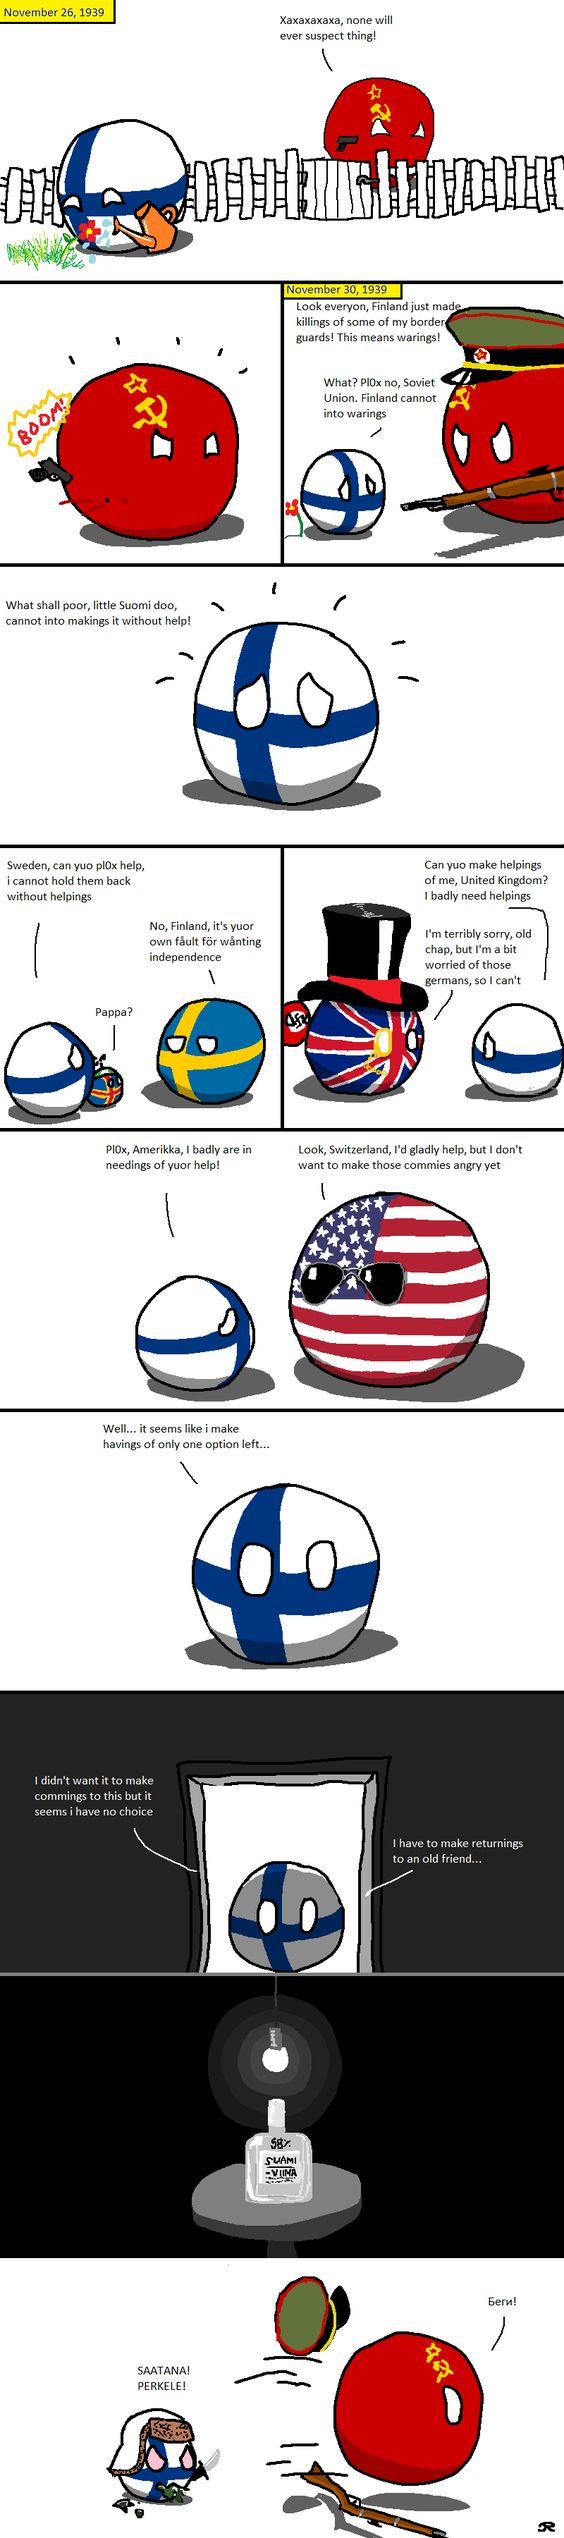 finnish humour Nokia